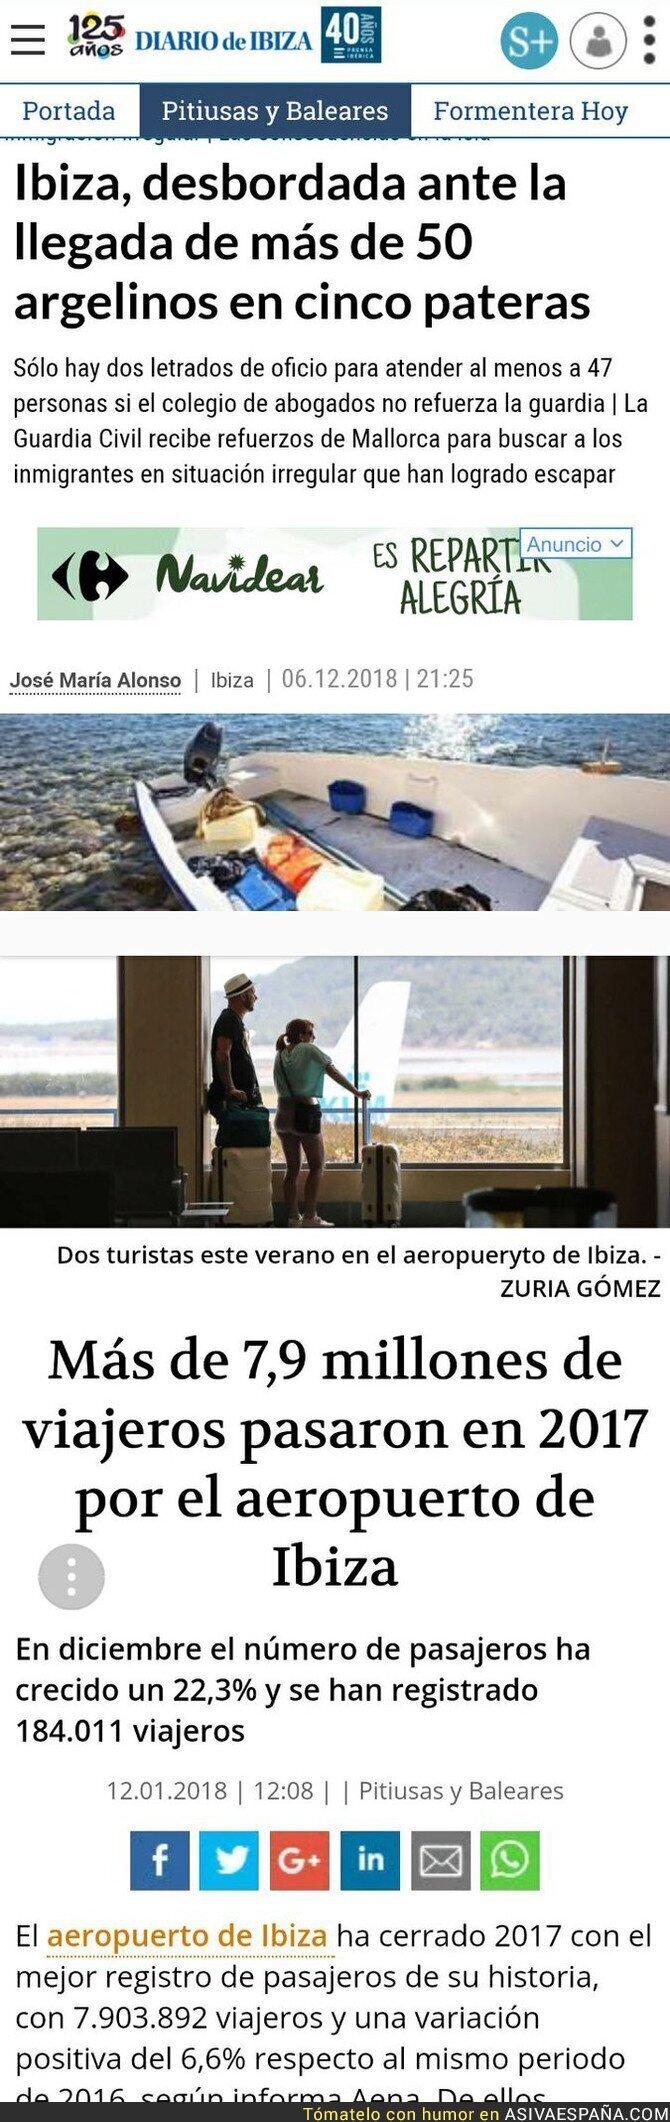 100107 - Los inmigrantes desbordan Ibiza pero millones de turistas no